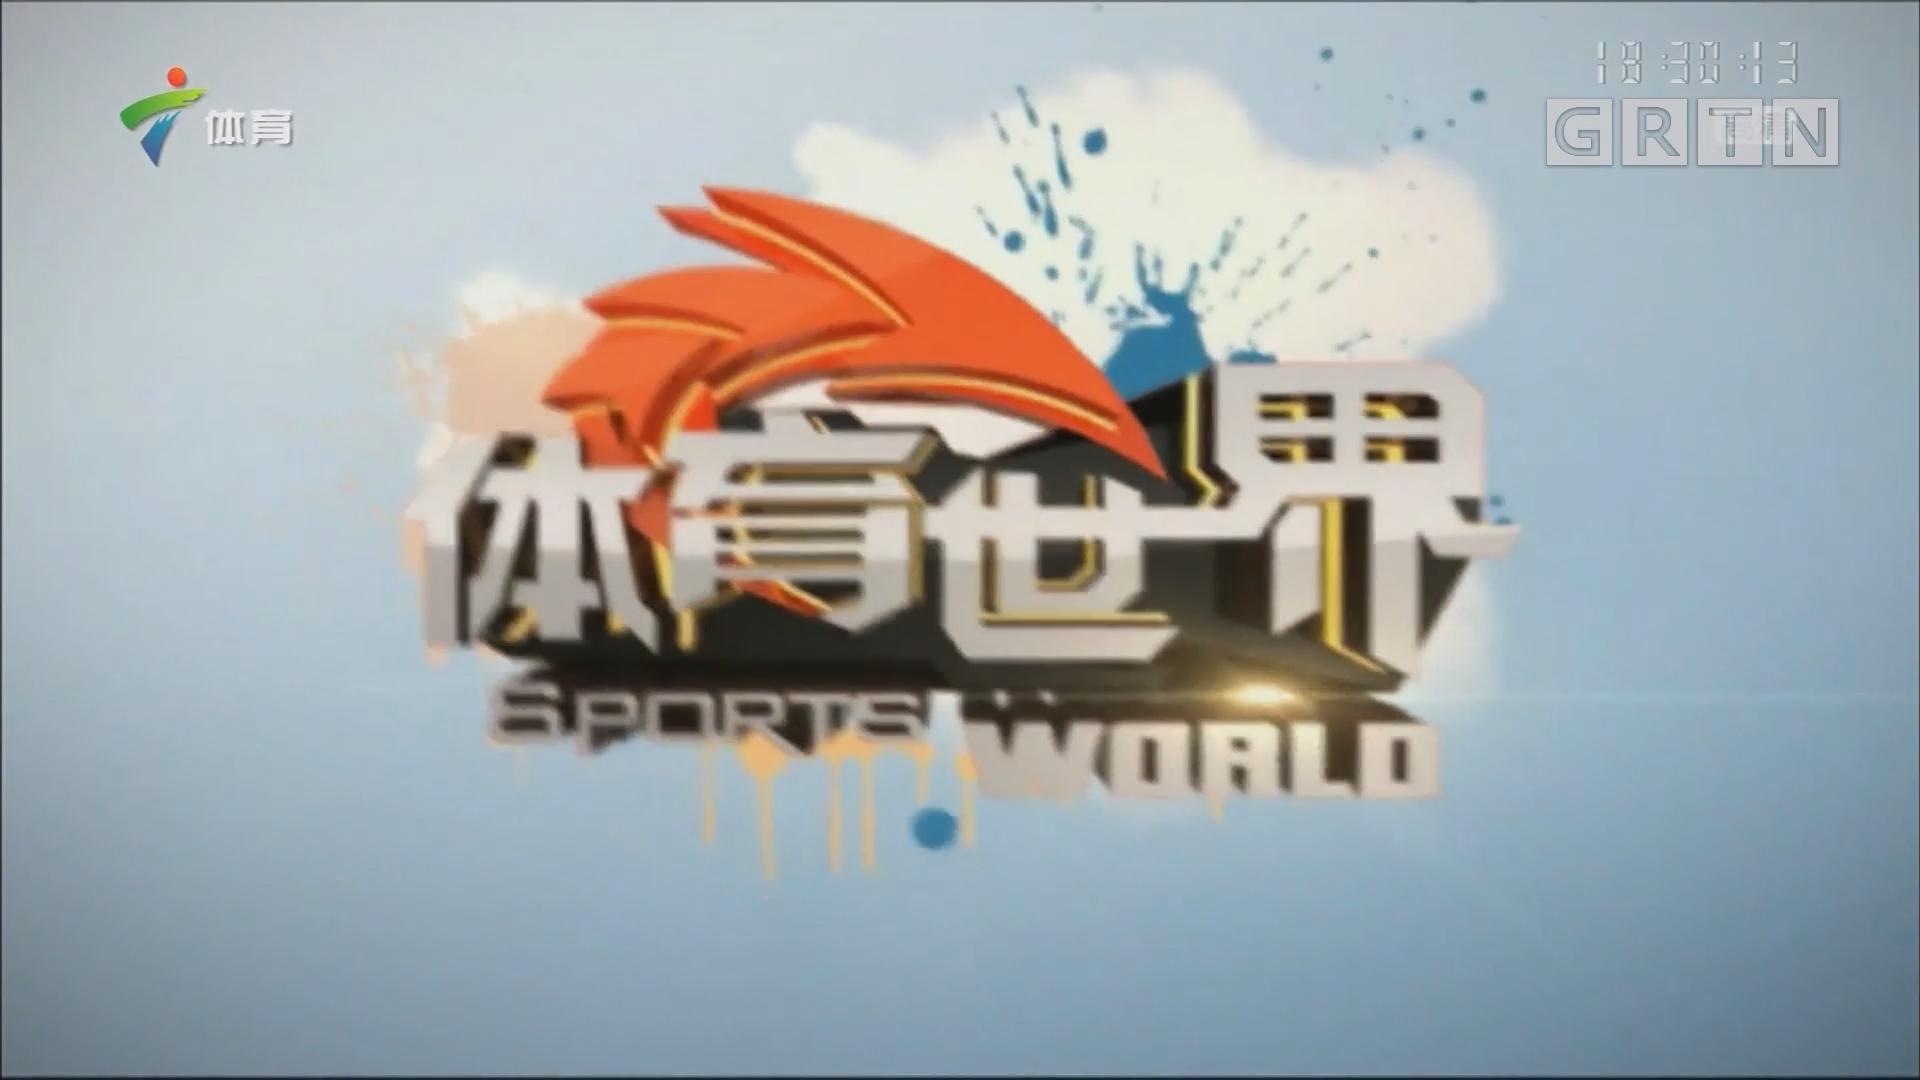 [HD][2017-12-04]体育世界:乒乓球黄金大赛闭幕 中山坦洲镇乒协夺冠